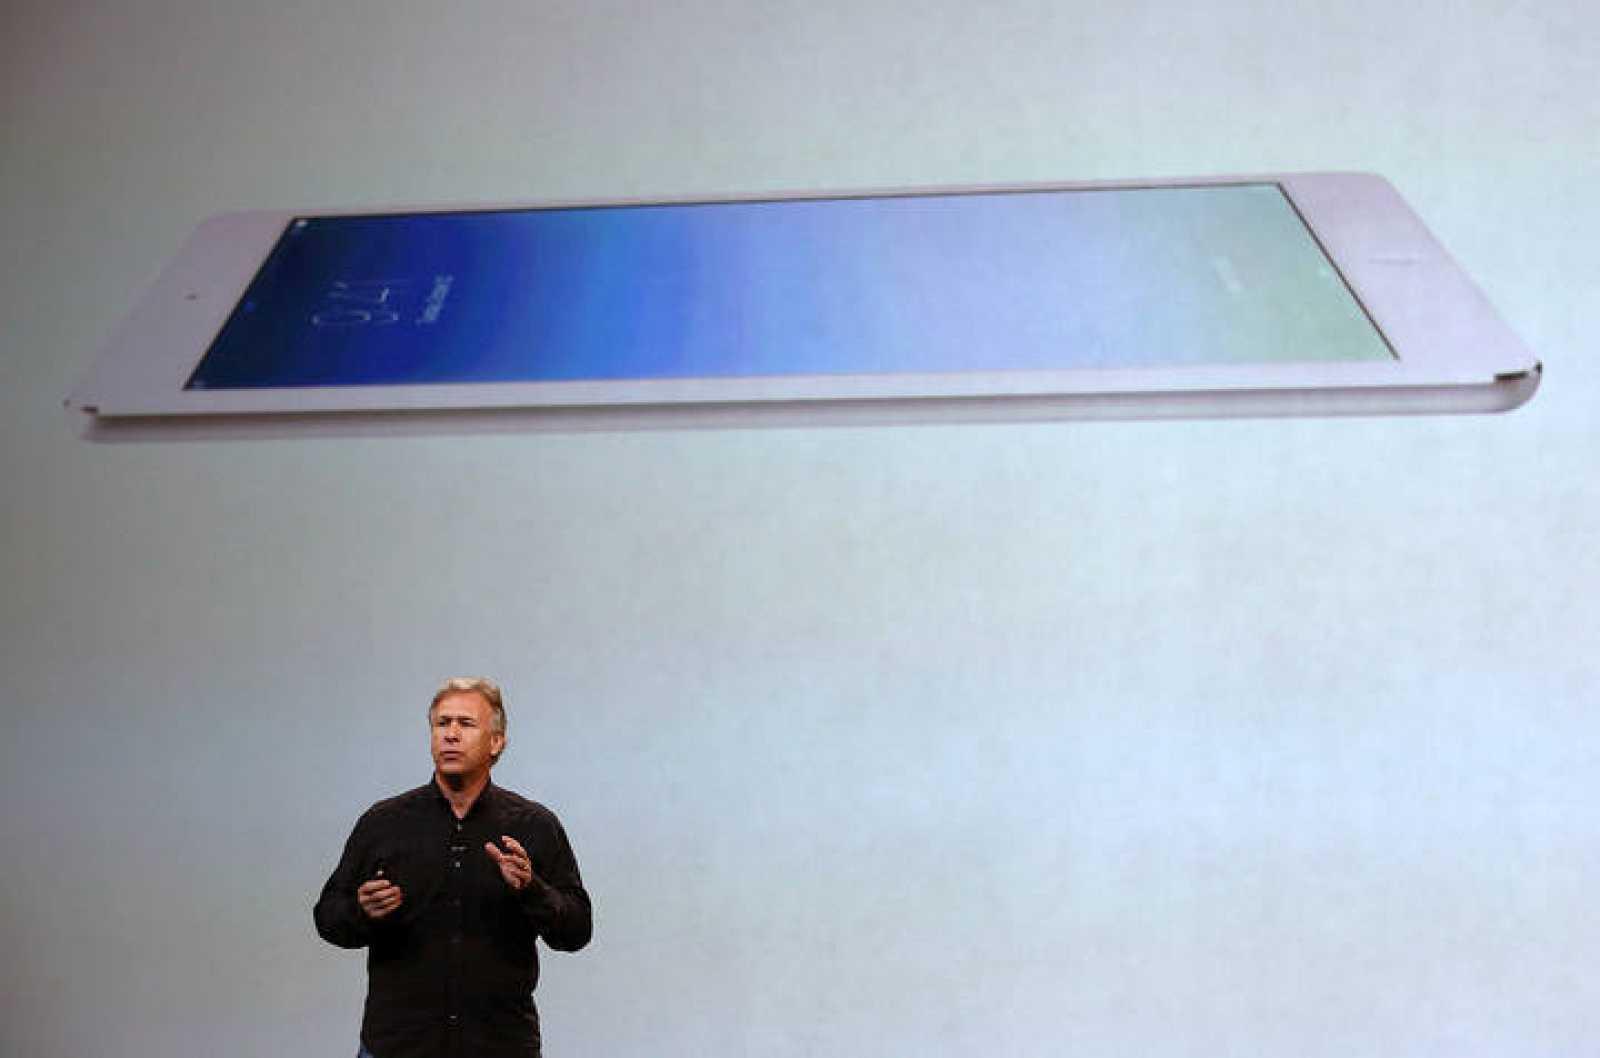 El vicepresidente de Marketing de Apple, Phil Schiller, presentando el iPad Air en San Francisco.